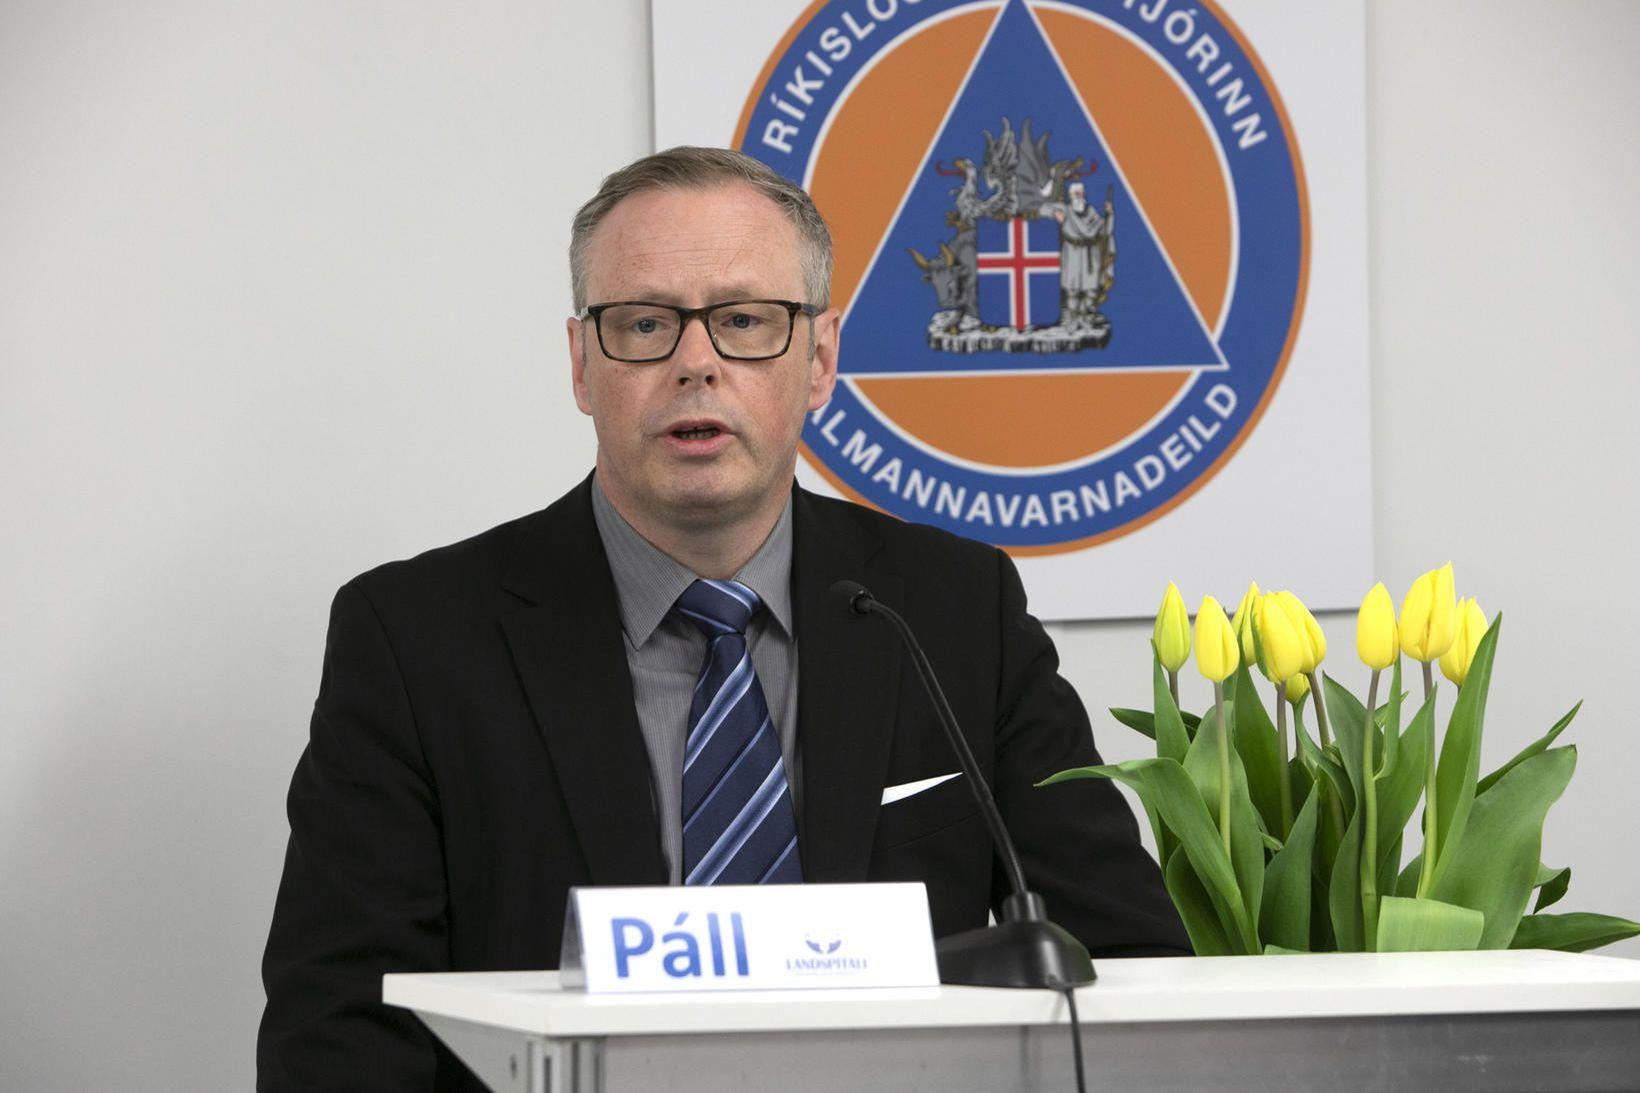 Páll Matthíasson forstjóri Landspítala, segir gjöfina sýna samstöðuna sem ríkir …